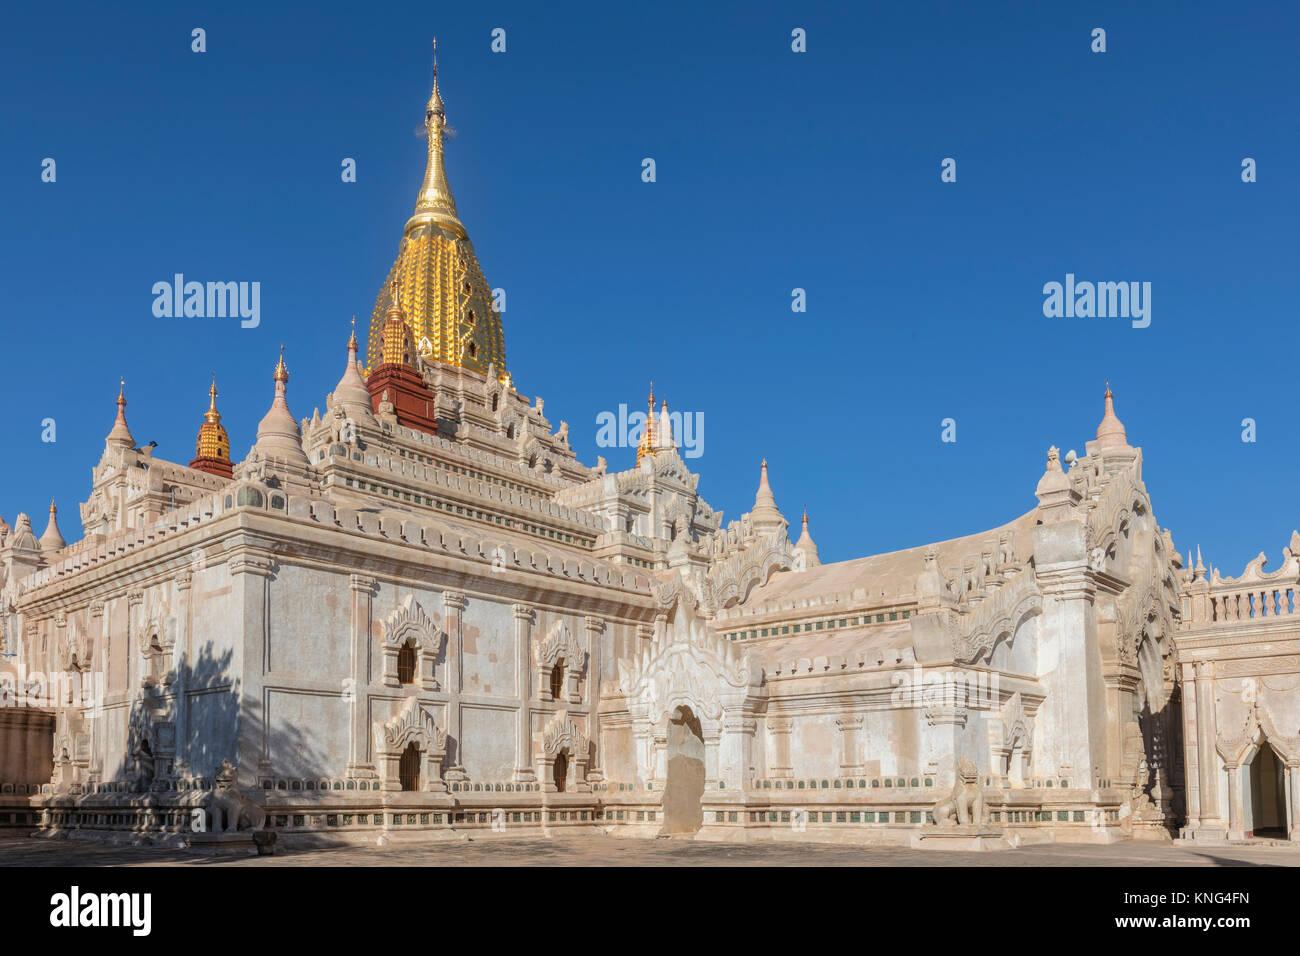 Ananda Temple, Bagan, Mandalay, Myanmar, Asia - Stock Image